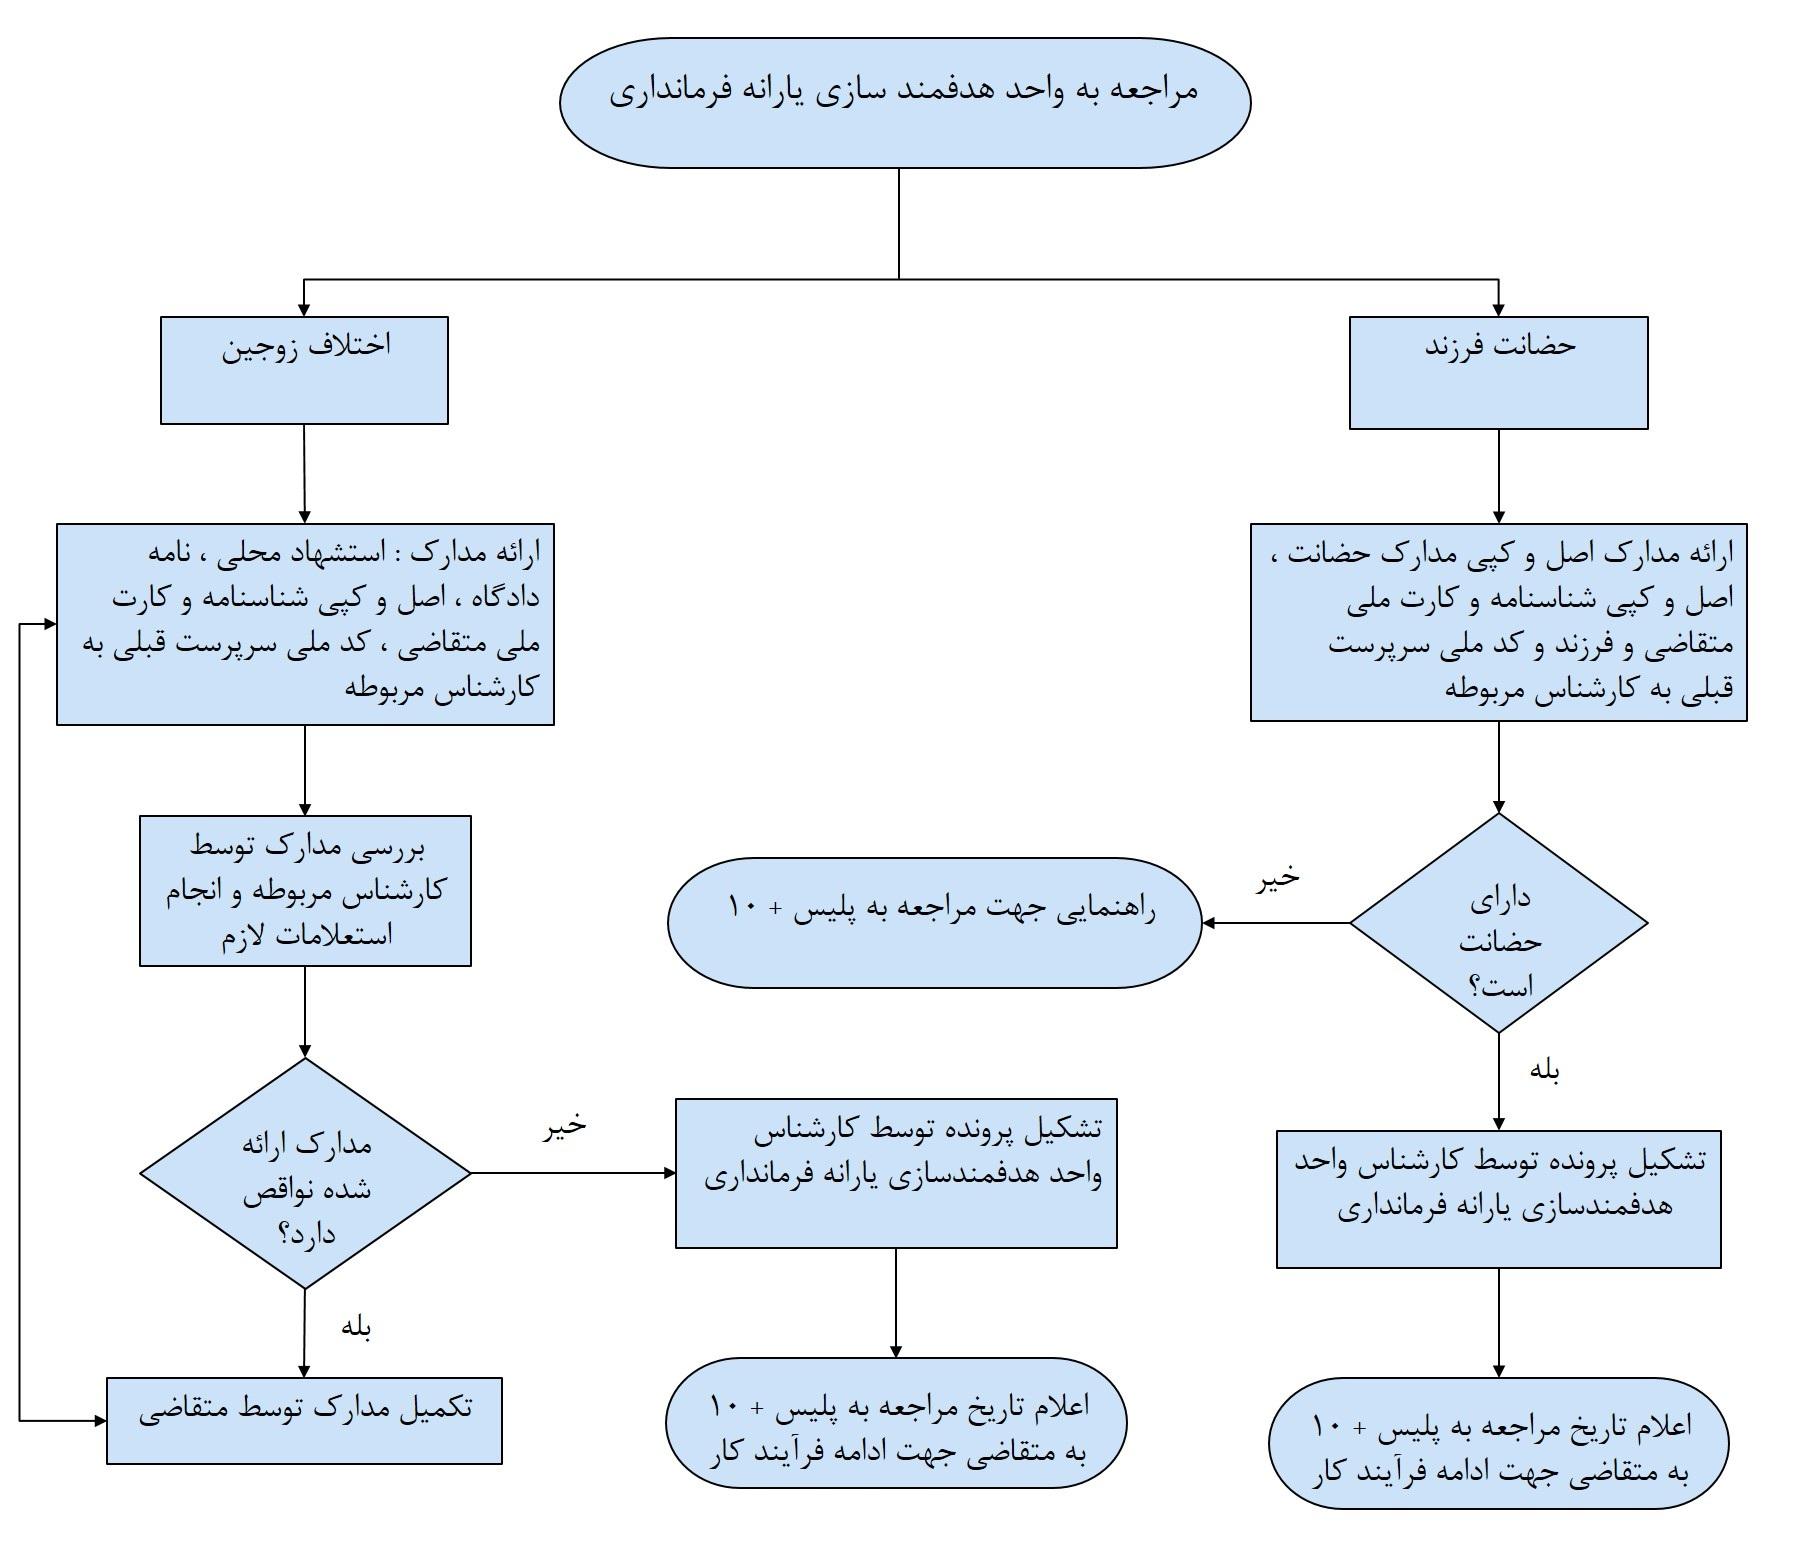 راهنمای مراجعین به واحد هدفمندسازی یارانه فرمانداری درخصوص حضانت فرزند و اختلاف زوجین